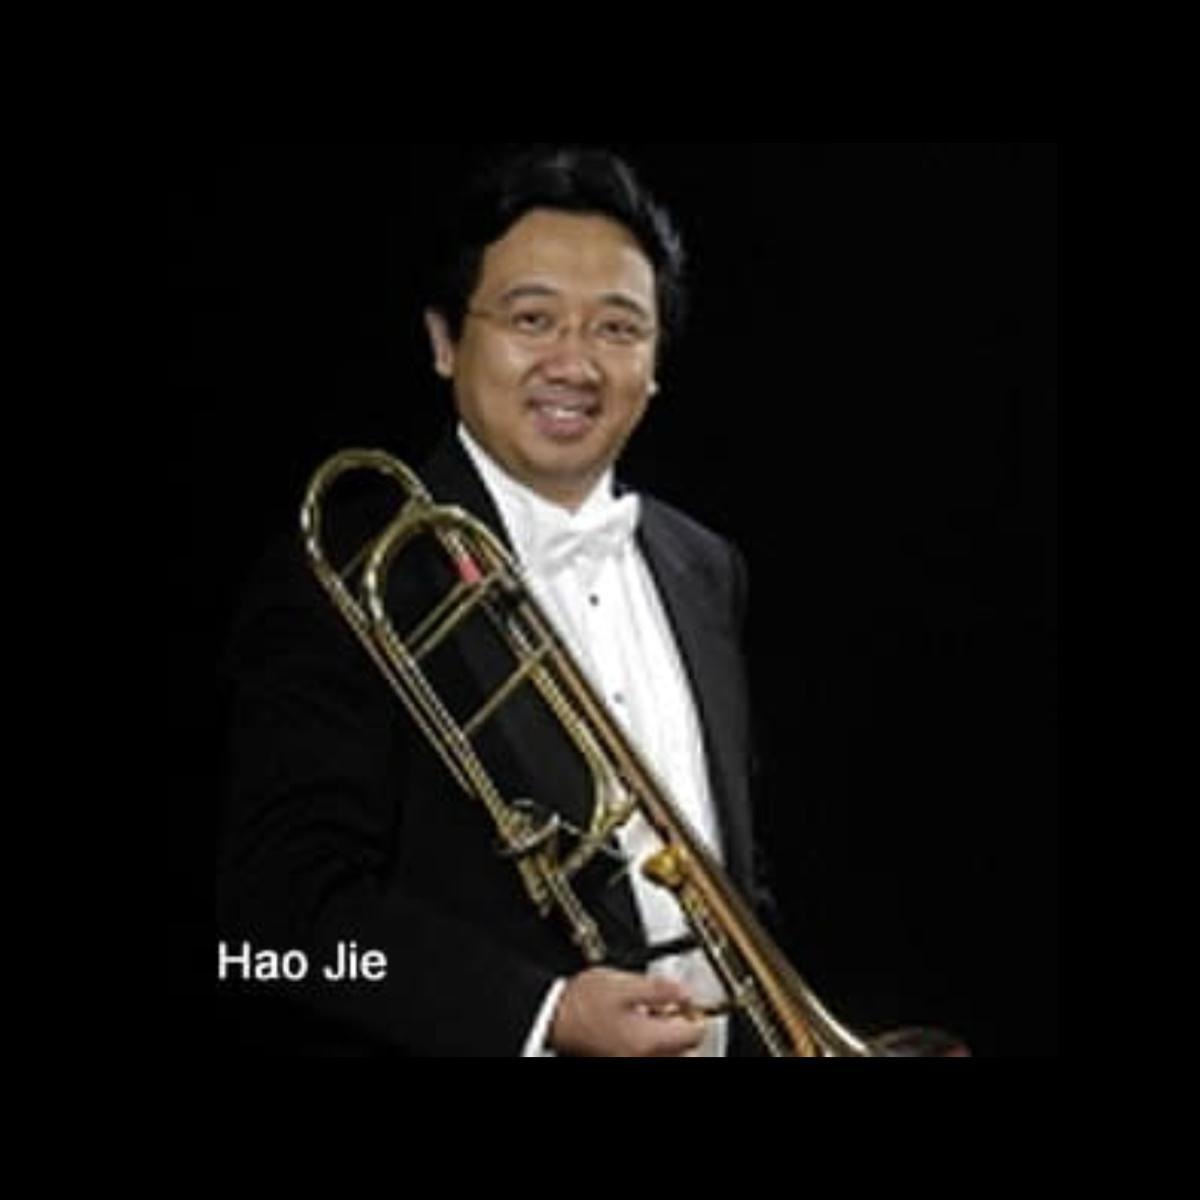 Hao Jie